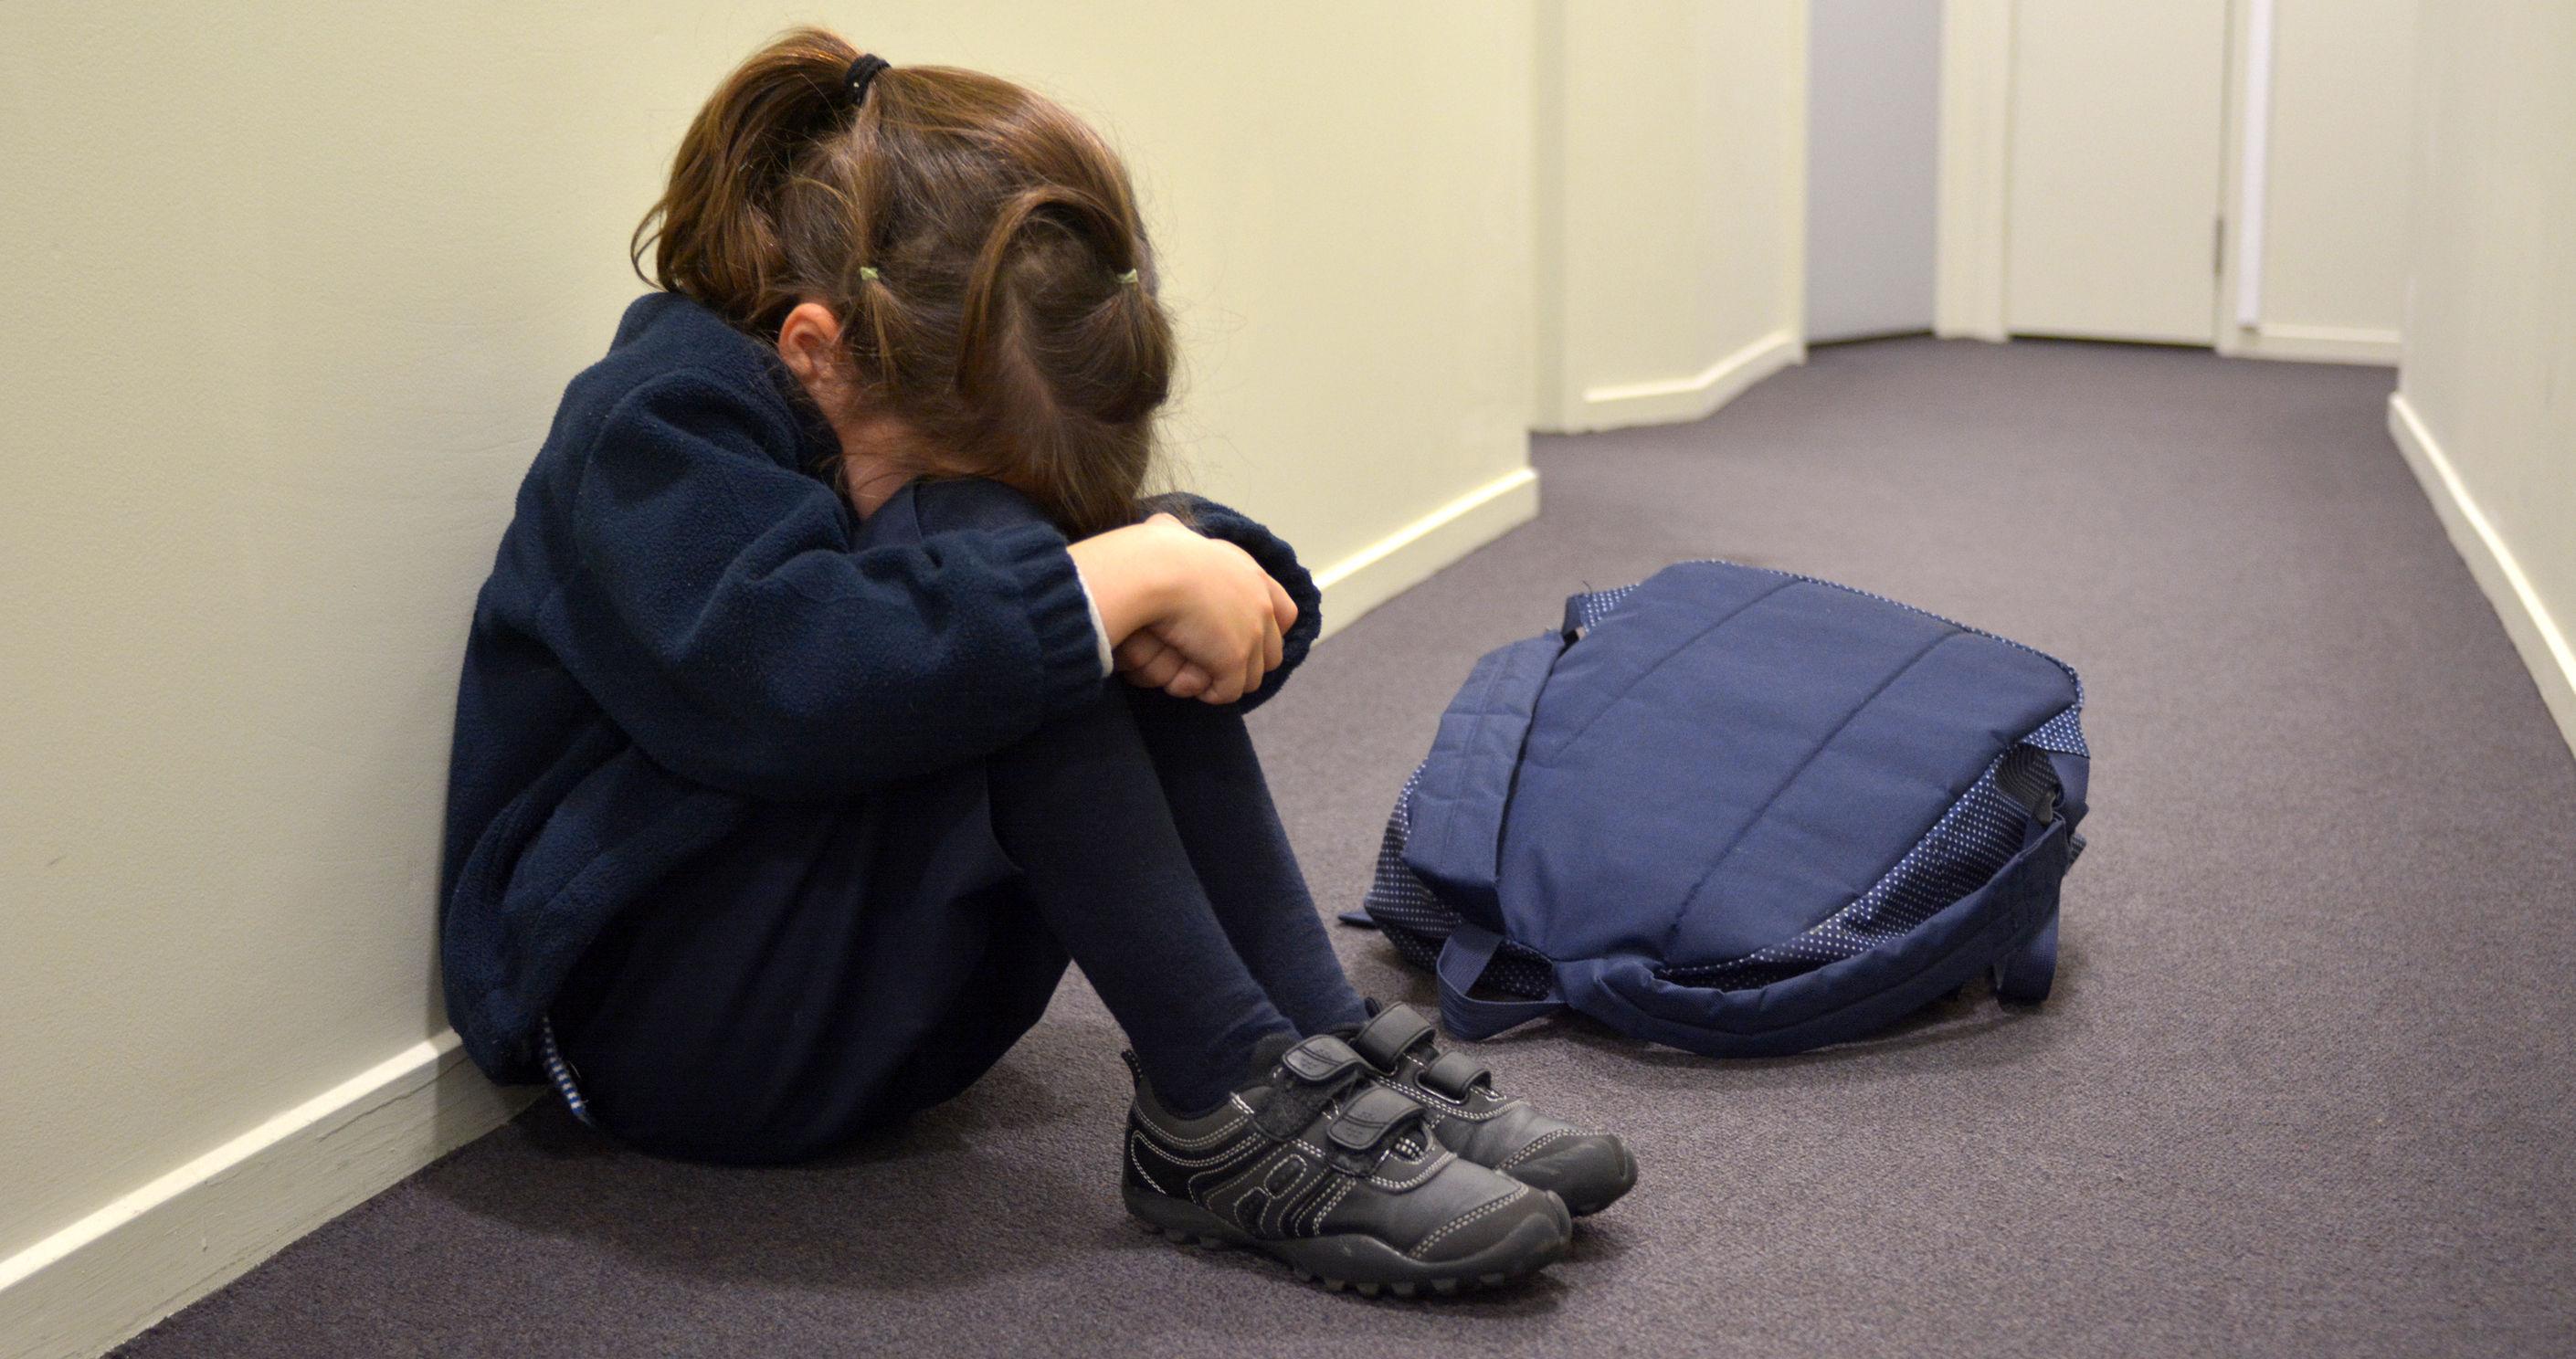 Anchete la Bistriţa, unde o învăţătoare este acuzată că loveşte şi terorizează 16 elevi, unul ajungând la spital / Copiii refuză să mai intre la ore